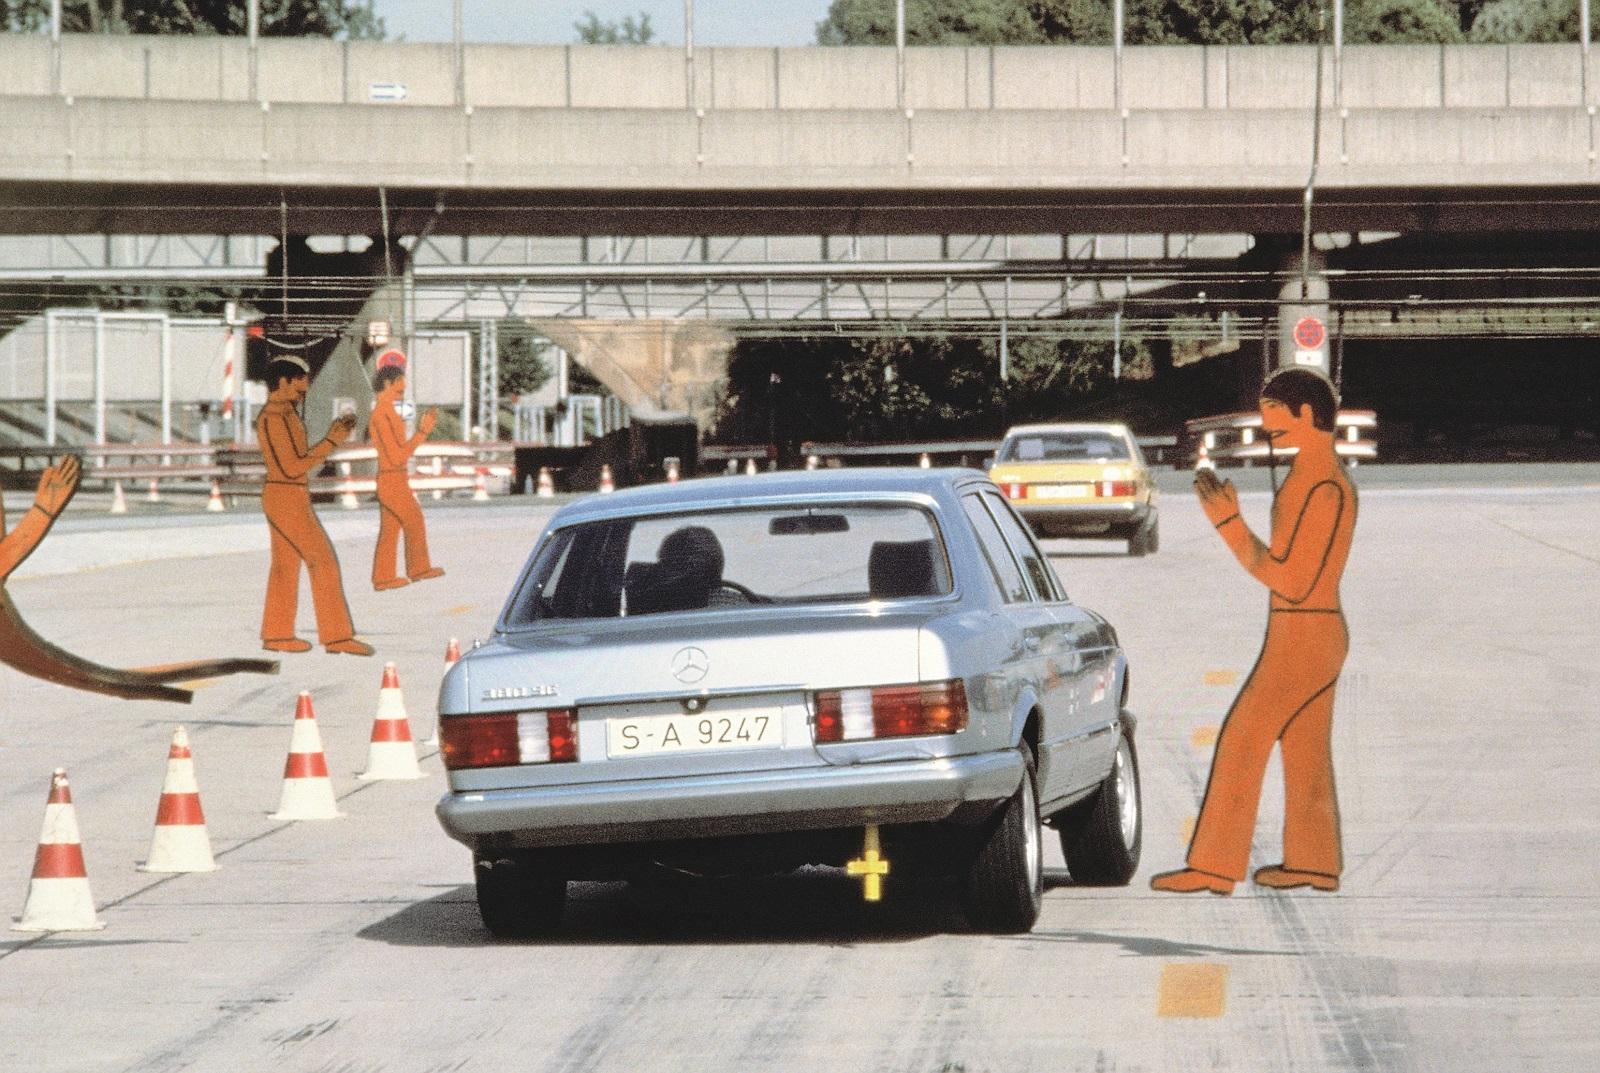 Mercedes-Benz Typ 380 SE, Baureihe W 126, Ausweichmanöver auf der Einfahrbahn im Werk Untertürkheim.   A Mercedes-Benz 380 SE, model series W 126, undertakes evasive manoeuvres on the test track at the Untertürkheim plant.